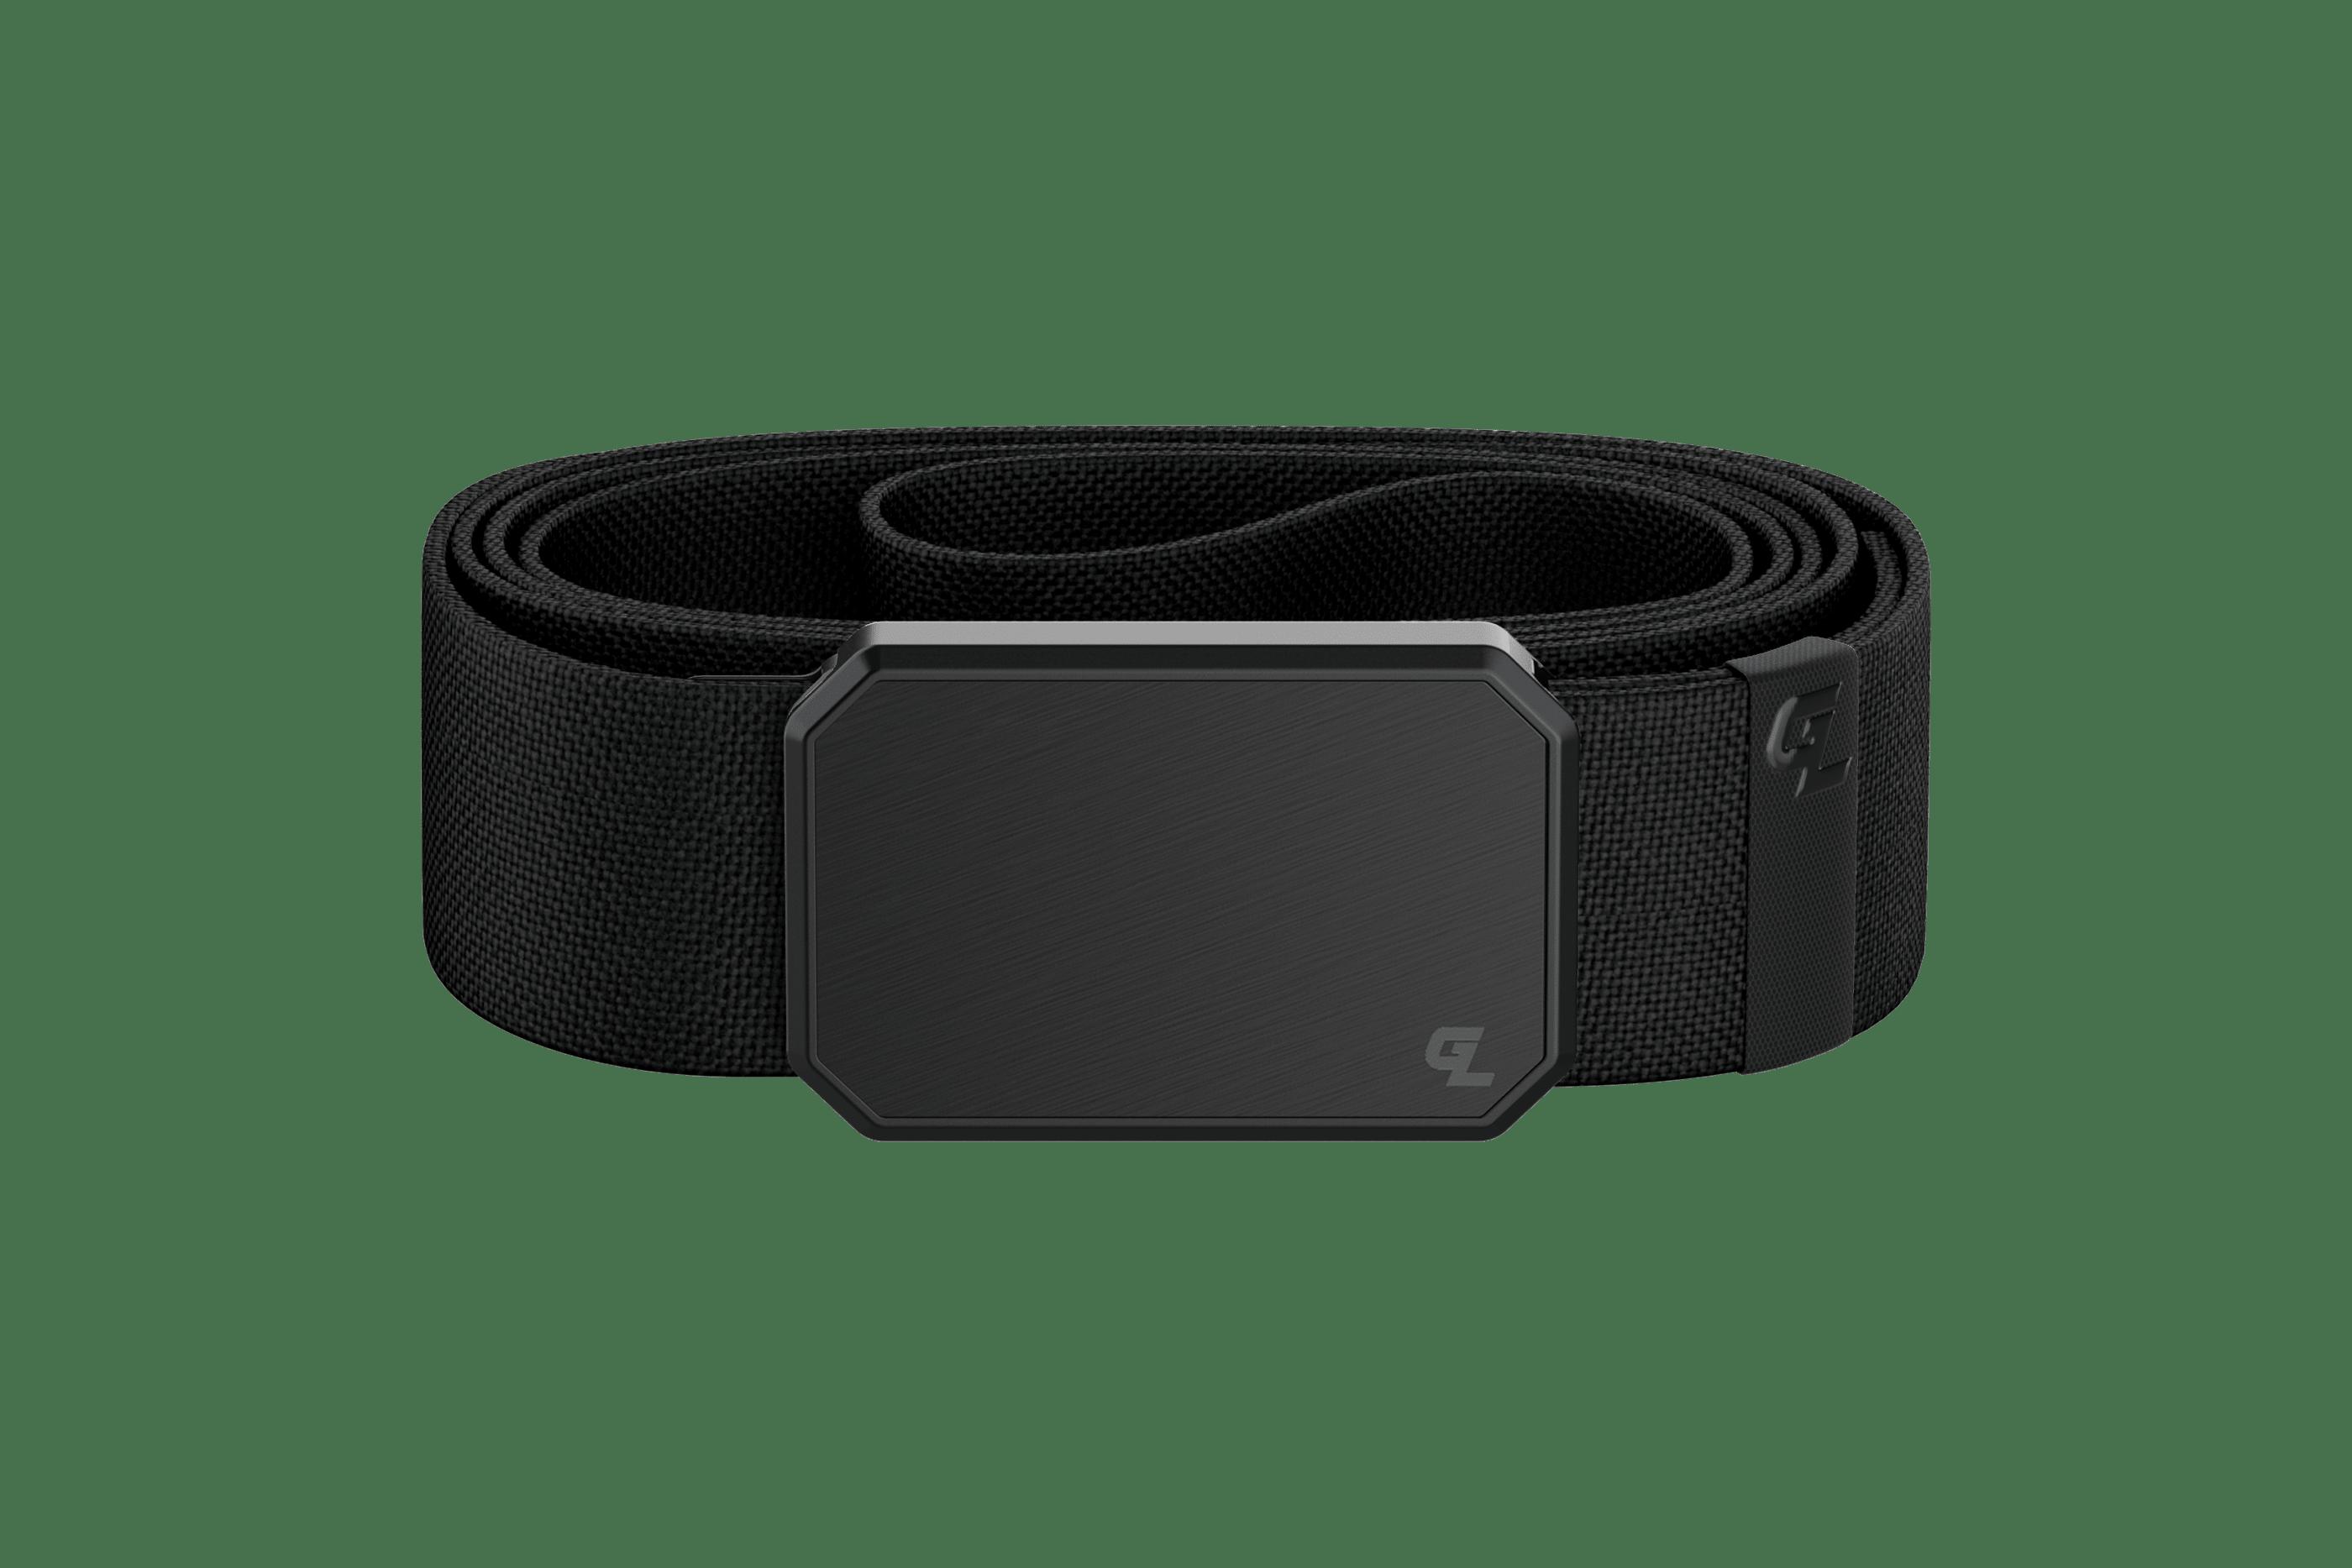 Groove Belt Black/Black  viewed front on